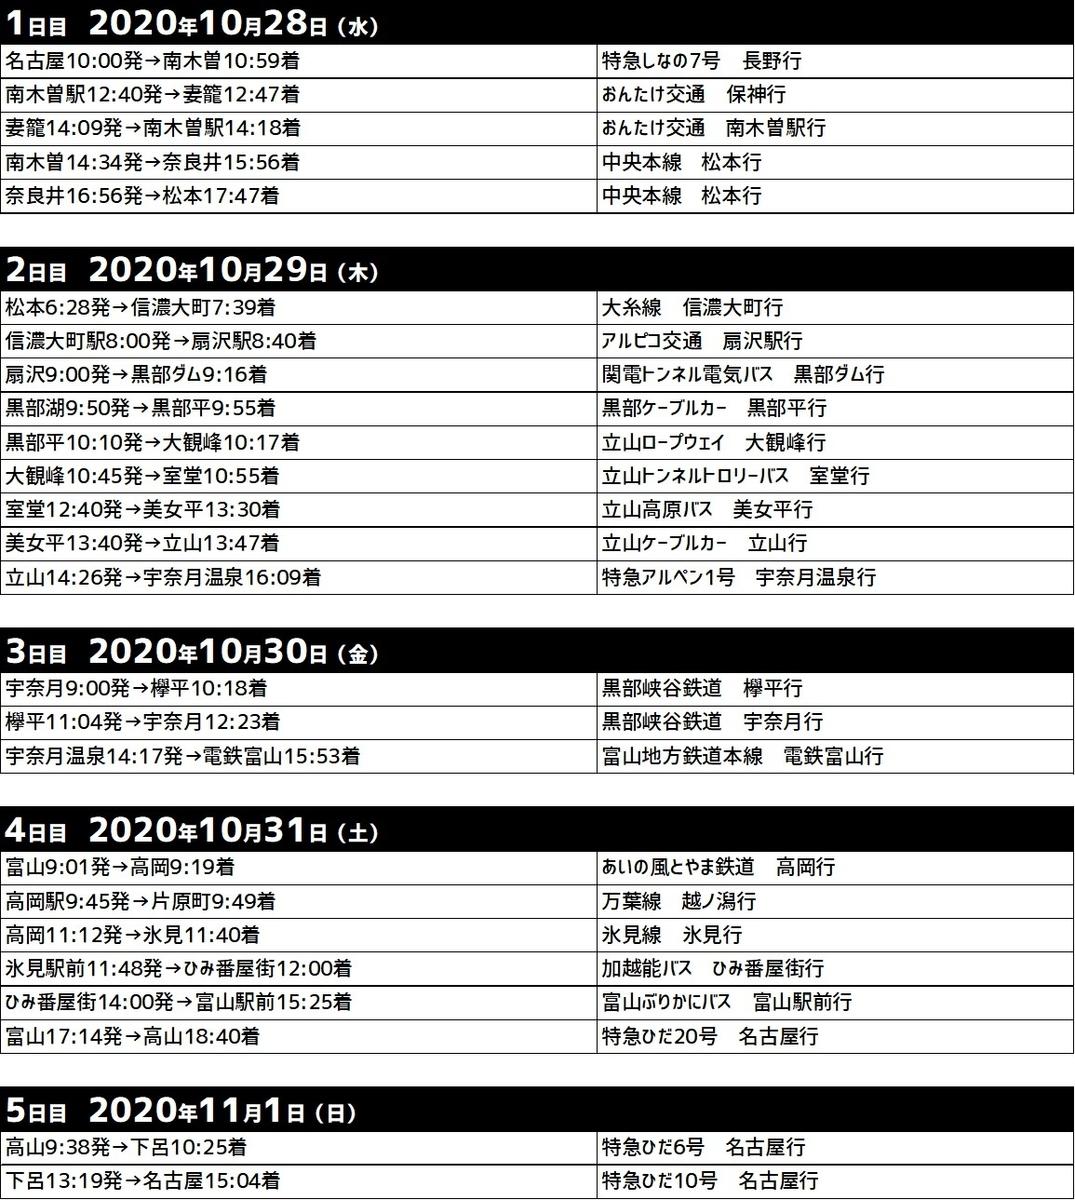 f:id:watakawa:20210301145644j:plain